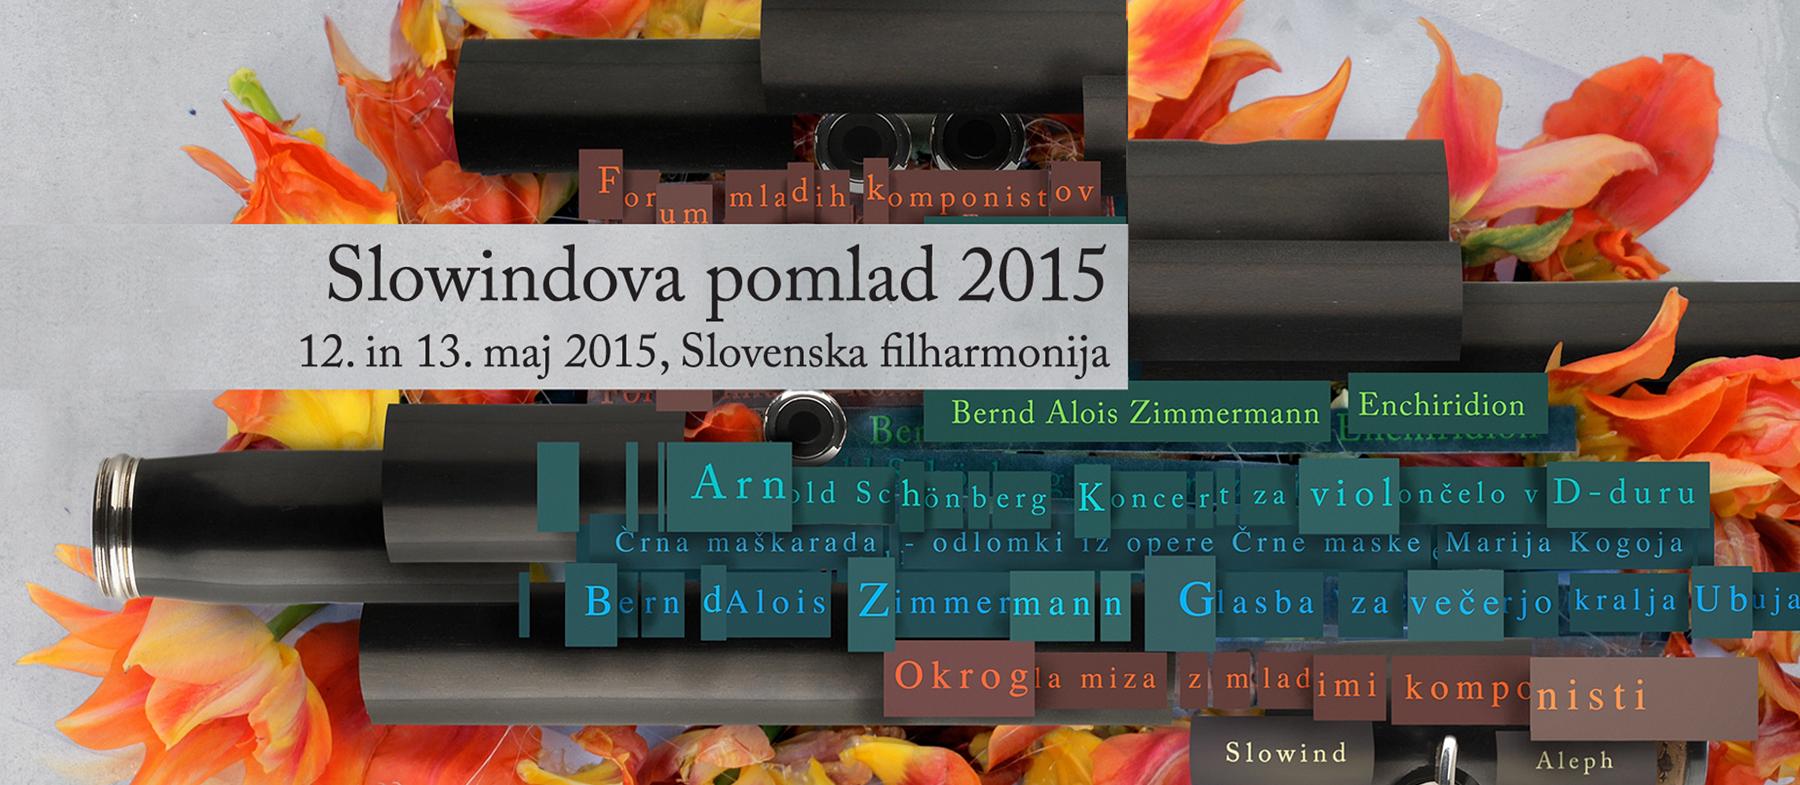 Slowind Pom2015-FB